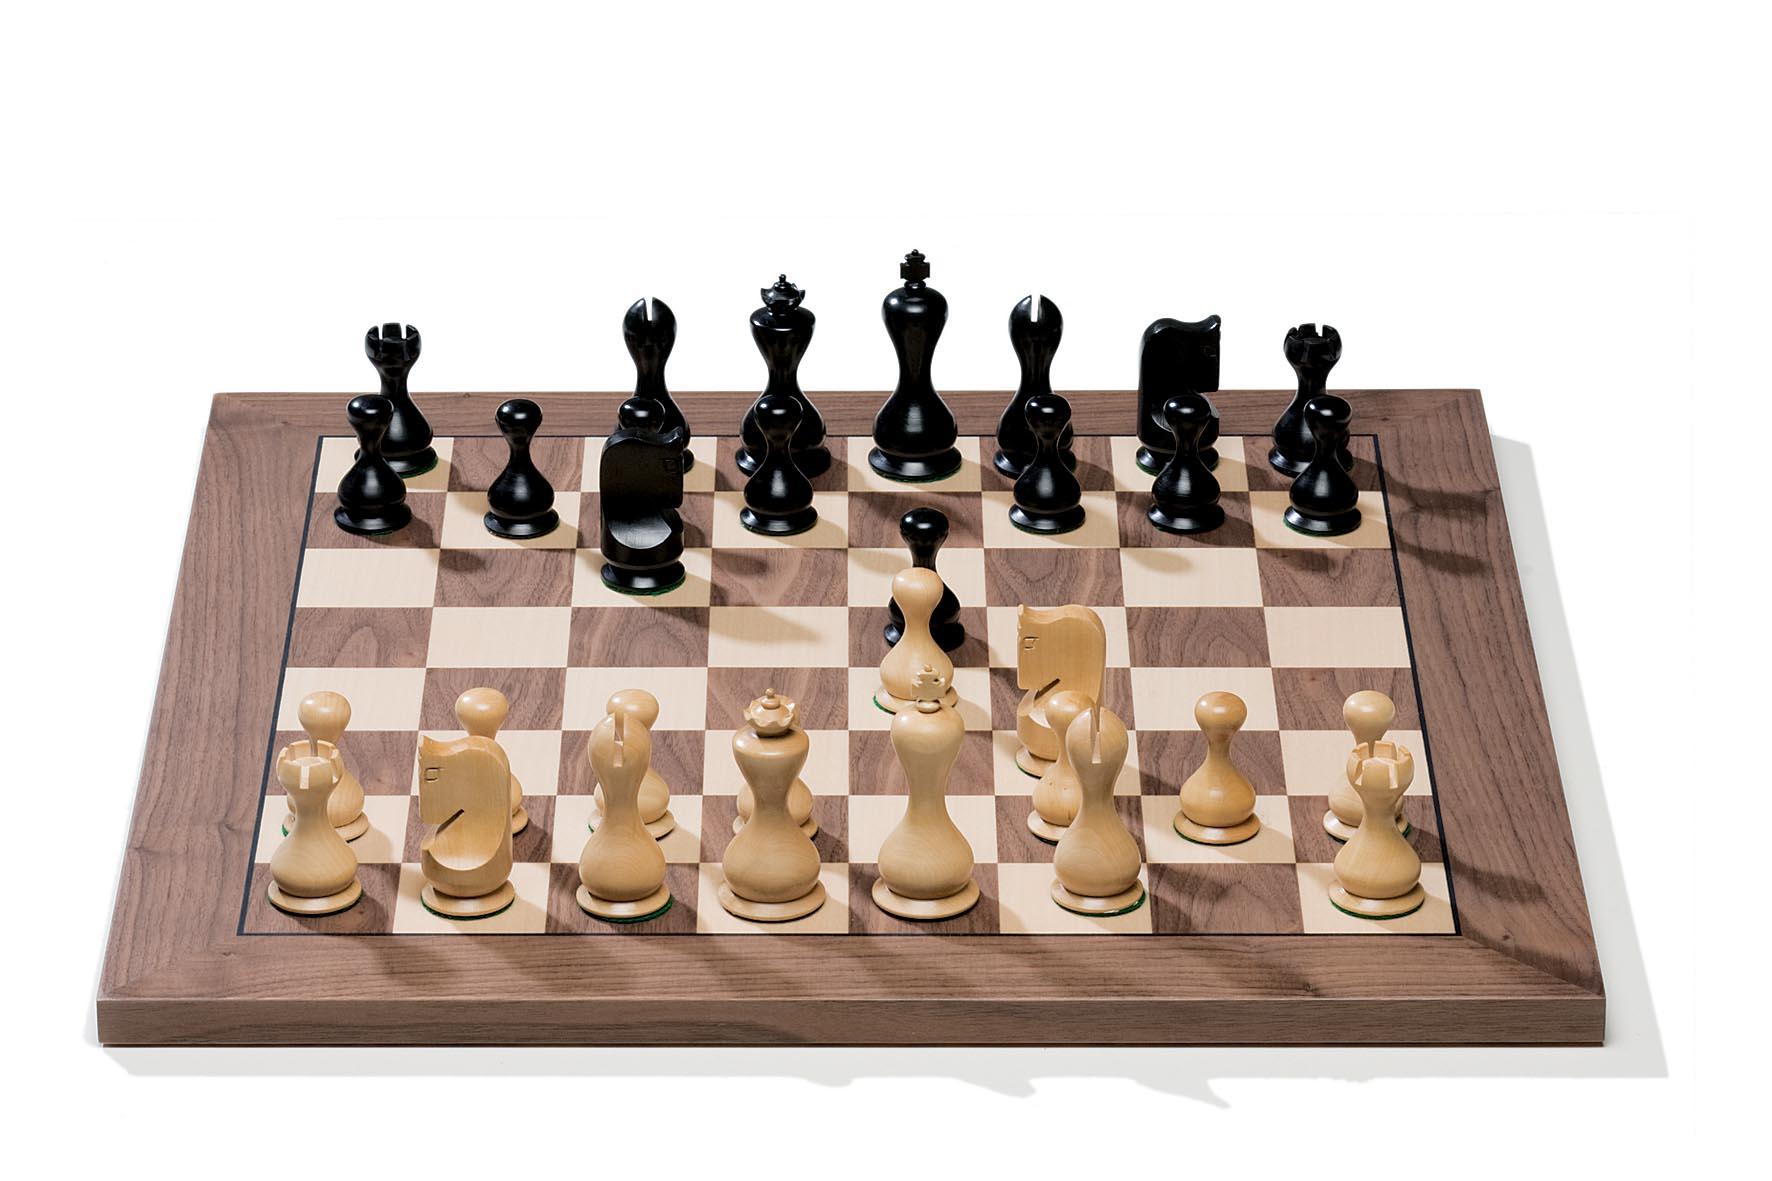 высунула голову посмотреть профессиональные шахматы видео продолжительность составляла